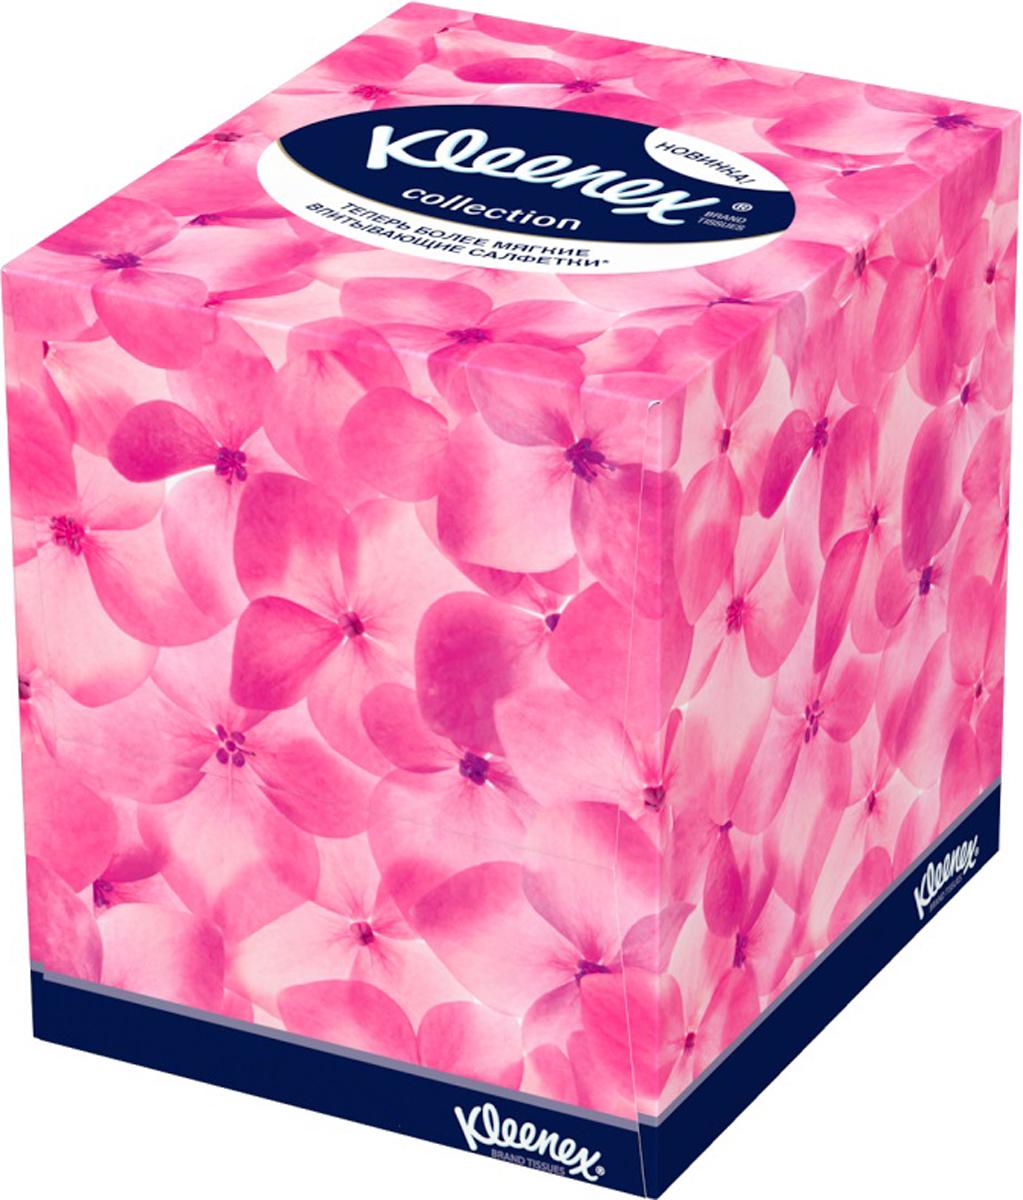 Салфетки универсальные Kleenex Collection, двухслойные, 21,6 х 21,6 см, 100 шт (упаковка розовые цветы)9480500_розовые цветыДвухслойные, мягкие, гигиенические салфетки Kleenex Collection изготовлены из высококачественного, экологически чистого сырья - 100% первичной целлюлозы. Салфетки обладают большой впитывающей способностью. Не вызывают аллергию, не раздражают чувствительную кожу. Благодаря уникальной мягкости, салфетки заботятся о вашей коже во время простуды. Просты и удобны в использовании. Применяются дома и в офисе, на работе и отдыхе. Для хранения салфеток предусмотрена специальная коробочка. Выберите себе настроение! Как всегда разные: яркие и спокойные, задорные и утонченные коробочки с салфетками Kleenex Collection найдут свое место в любом уголке вашей квартиры и добавят в ваш дом теплоты и уюта даже в самый хмурый день. Товар сертифицирован. Размер салфетки: 21,6 см х 21,6 см. Комплектация: 100 шт.